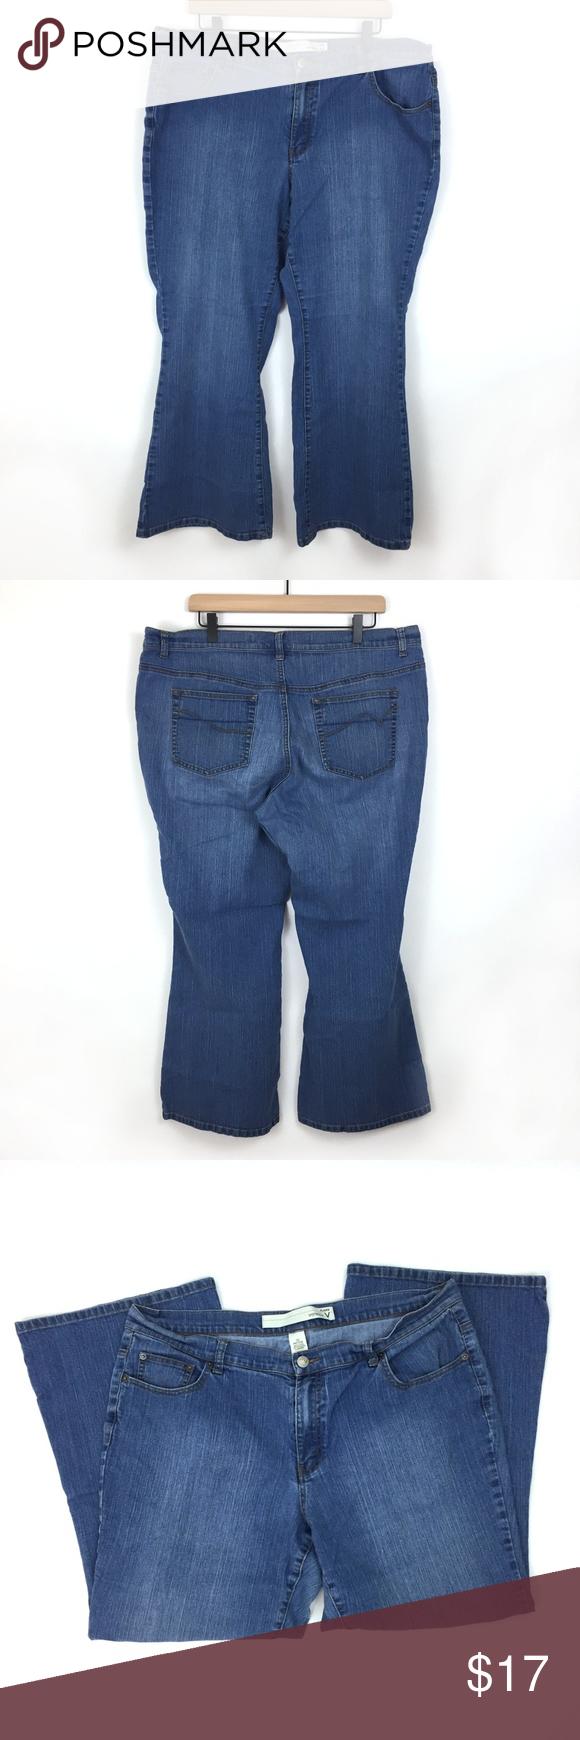 44a12a1c27528 Venezia Flare Jeans Size 20 Petite Size 20 Petite Approximate Flat  Measurements Across Waist  19